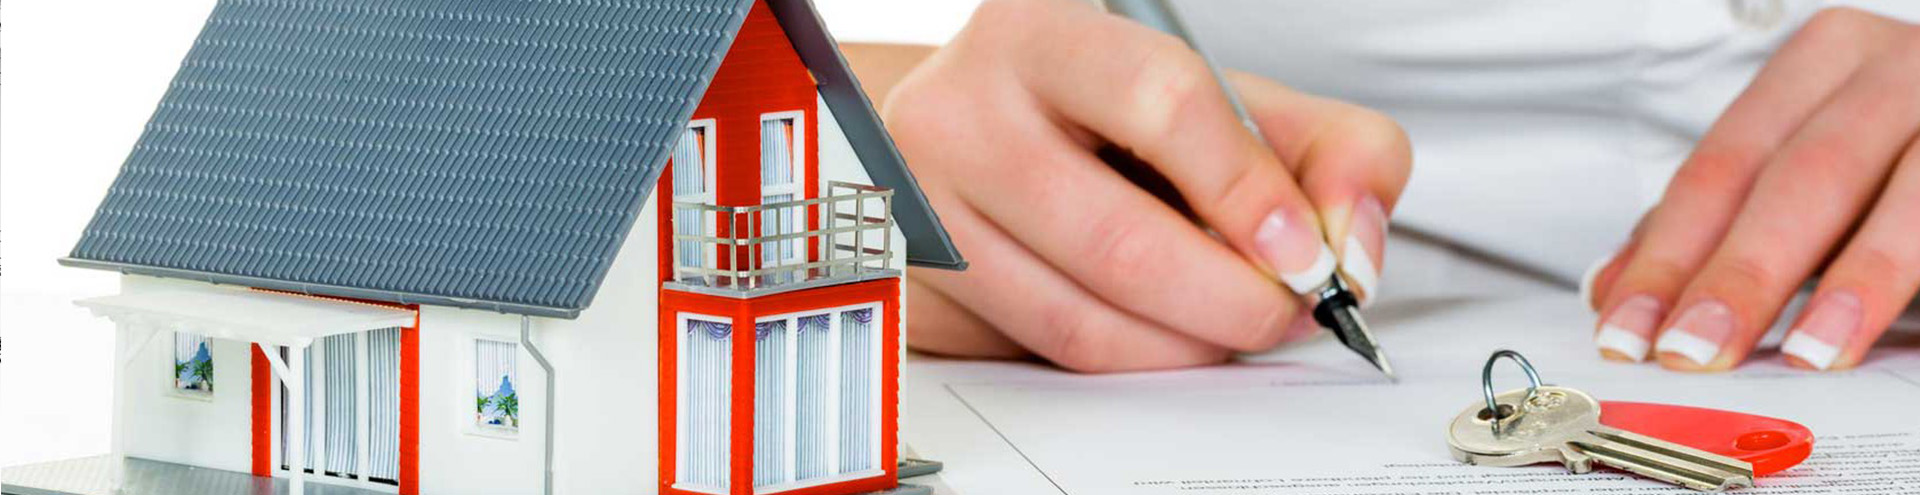 сделки с недвижимостью в Калуге и Калужской области